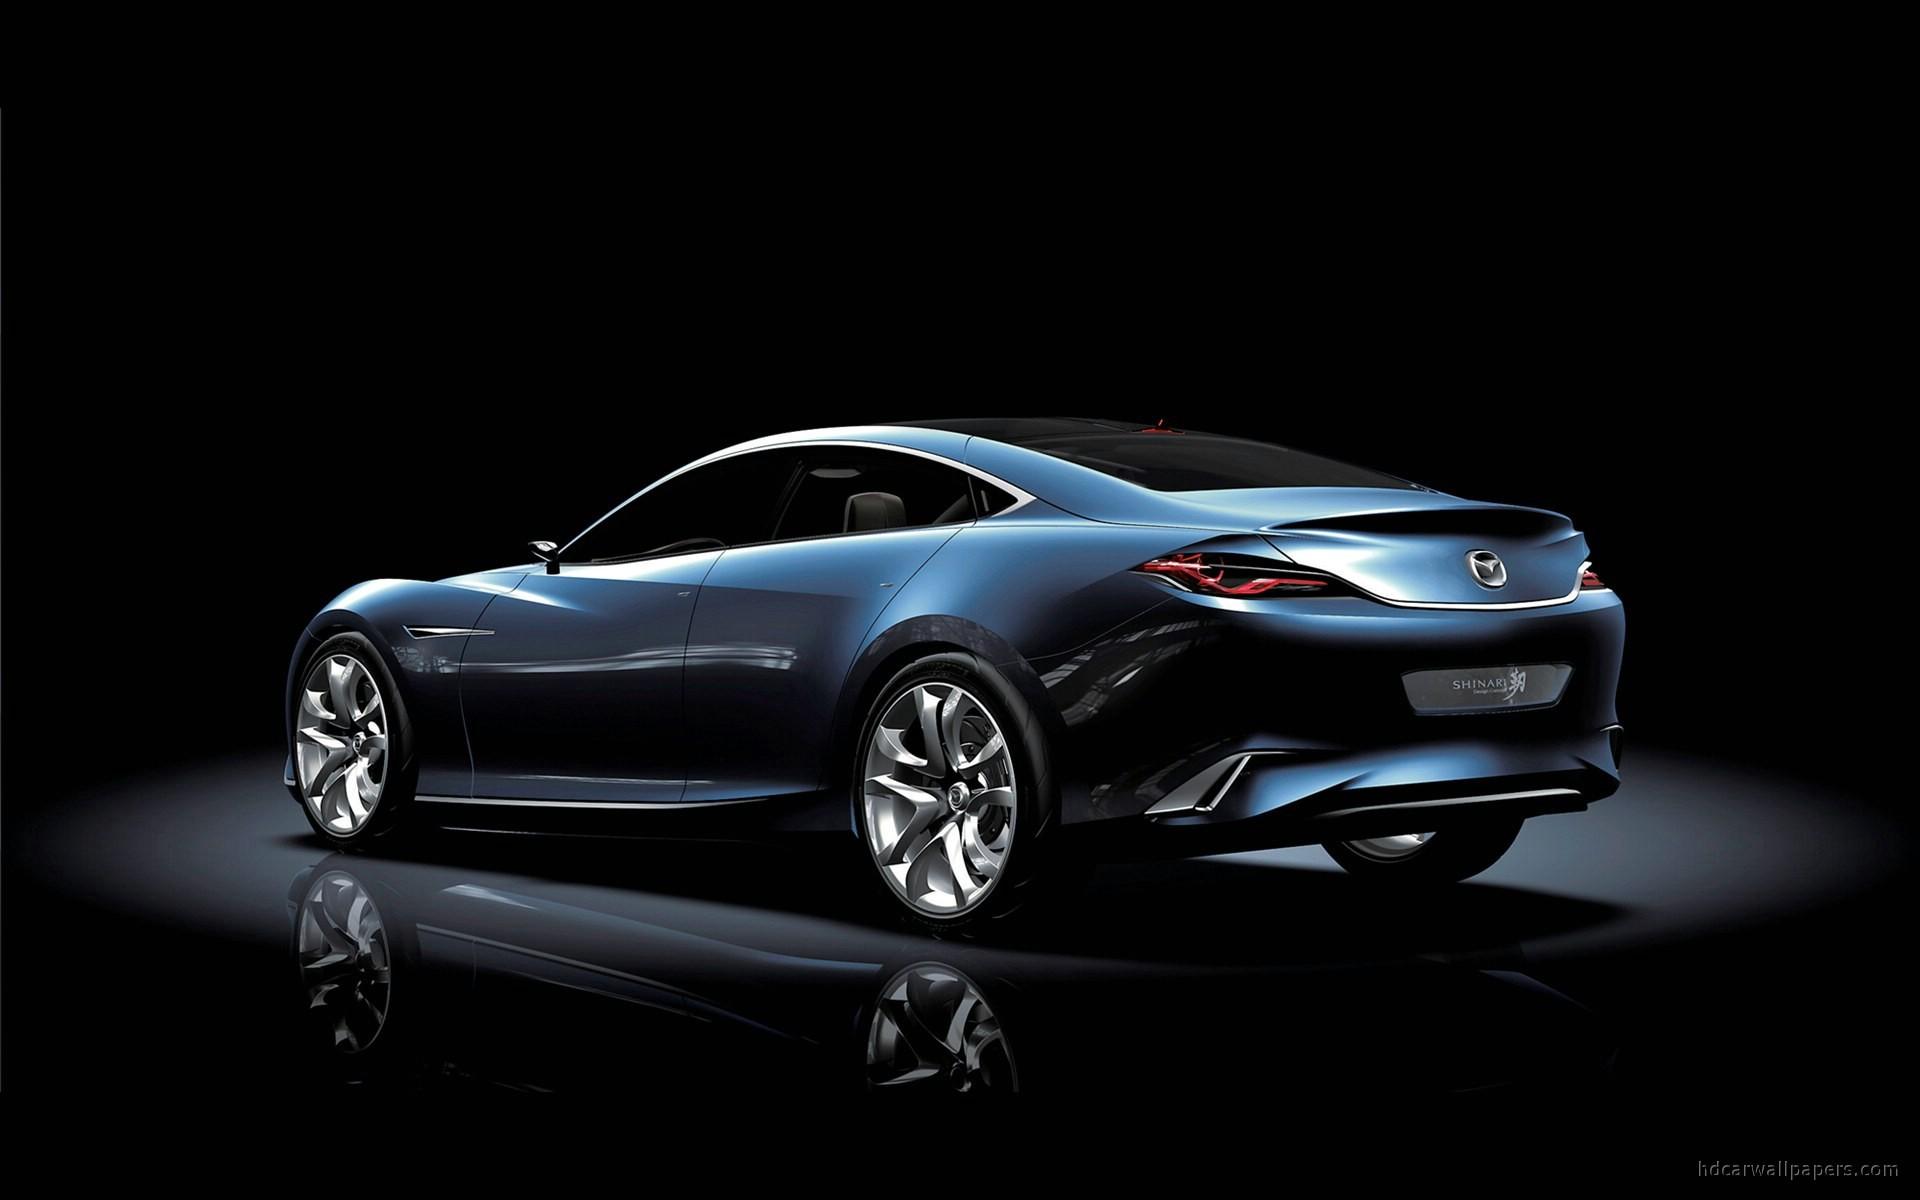 Jaguar Car Logo Hd Wallpaper Download 2011 Mazda Shinari Concept 3 Wallpaper Hd Car Wallpapers